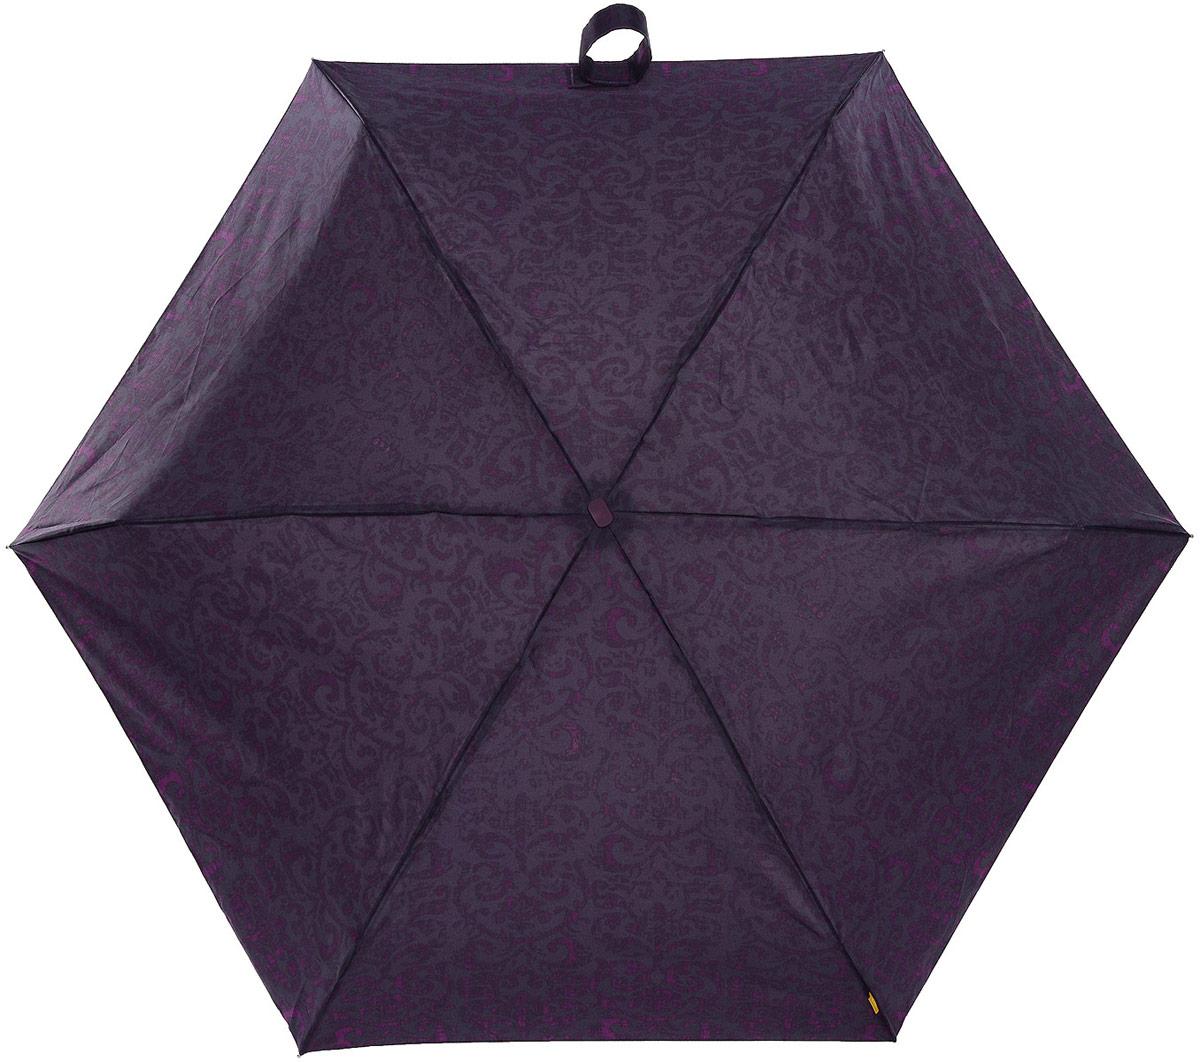 Зонт женский Zest, механический, 5 сложений, цвет: фиолетовый, серый. 25518-325Пуссеты (гвоздики)Компактный женский зонт Zest выполнен из металла, пластика и оформлен ярким принтом.Каркас зонта выполнен из шести спиц на прочном стержне. На концах спиц предусмотрены металлические элементы, которые защитят владельца от травм. Купол зонта изготовлен прочного полиэстера. Закрытый купол застегивается на липучку хлястиком. Практичная рукоятка закругленной формы разработана с учетом требований эргономики и выполнена из пластика.Зонт складывается и раскладывается механическим способом.Такой зонт не только надежно защитит от дождя, но и станет стильным аксессуаром.